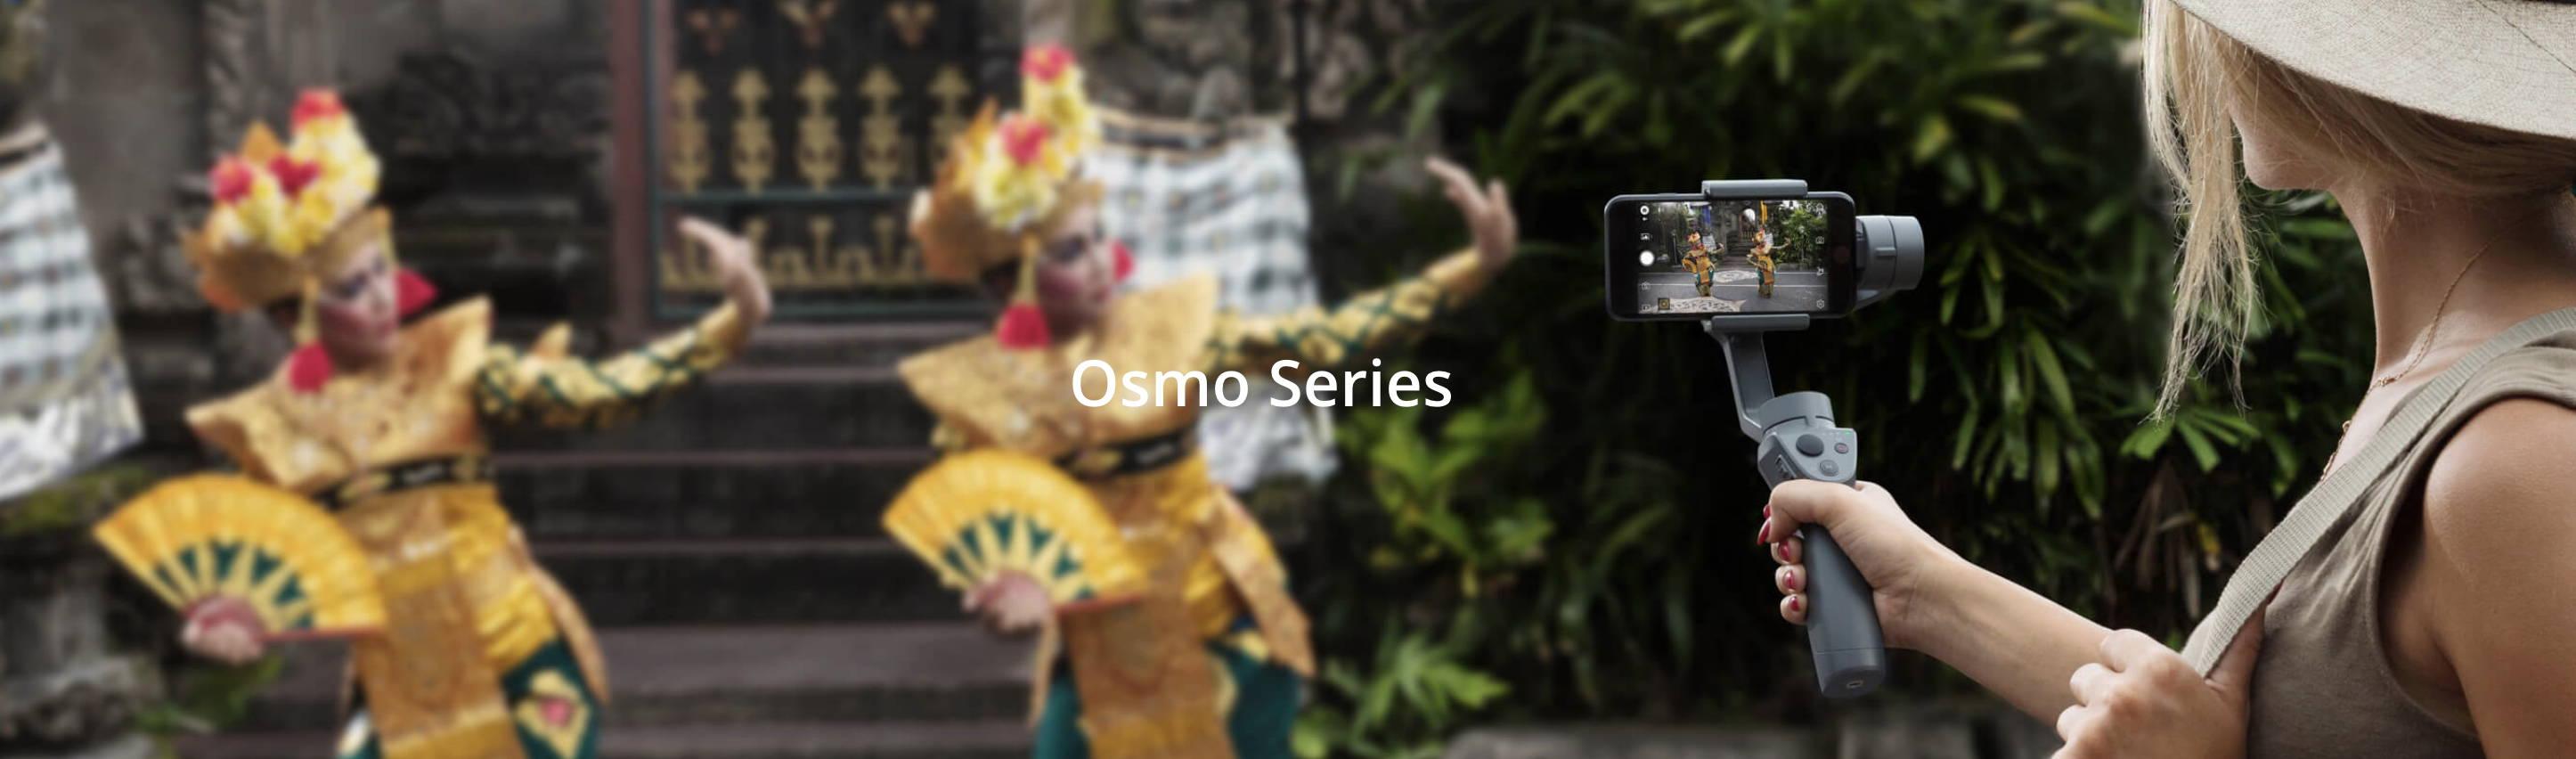 DJI Osmo Mobile 2 Sale Black Friday